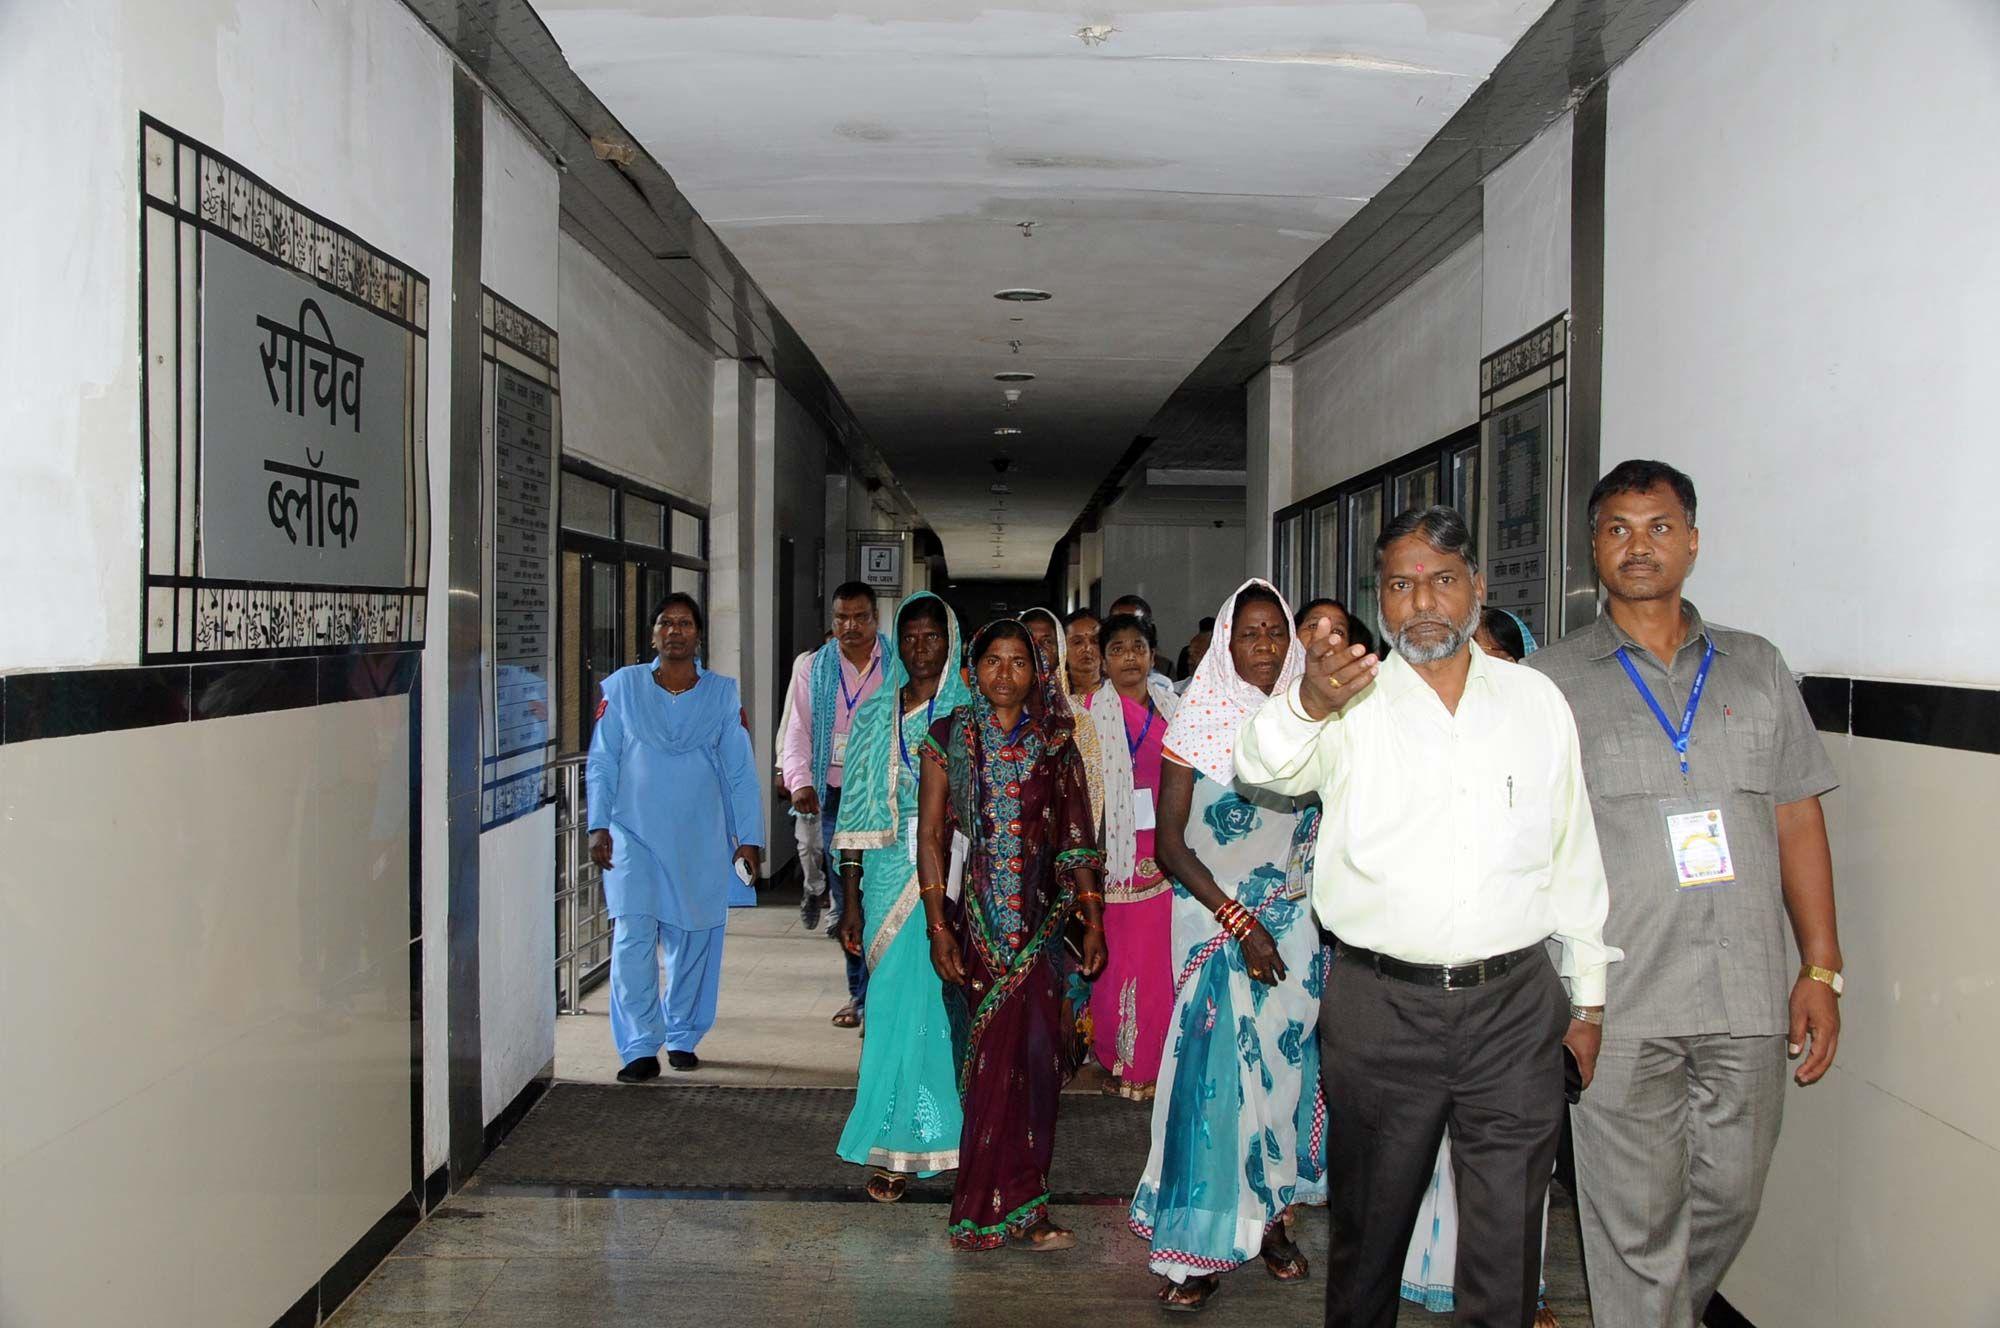 जशपुर, मुंगेली, बिलासपुर, गरियाबंद, कोरबा जिले के किसानों के प्रतिनिधि यानि सहकारी समिति के सदस्यों ने नया रायपुर स्थित मंत्रालय भवन का अवलोकन किया. प्रशासनिक एवं सचिव ब्लाक का दौरा करते हुए यहाँ की व्यवस्थाओं के बारे में जाना. मंत्रालय के रजिस्ट्रार श्री भगवान सिंह कुशवाहा ने उन्हें मंत्रालय के कामकाज की जानकारी दी. आधुनिक जिम में व्यायाम के उपकरणों ने उन्हें बेहद लुभाया. प्रतिनिधियों ने साइकिलिंग, ट्रेड मिल, डम्बल्स आदि पर जोर आजमाइश की.